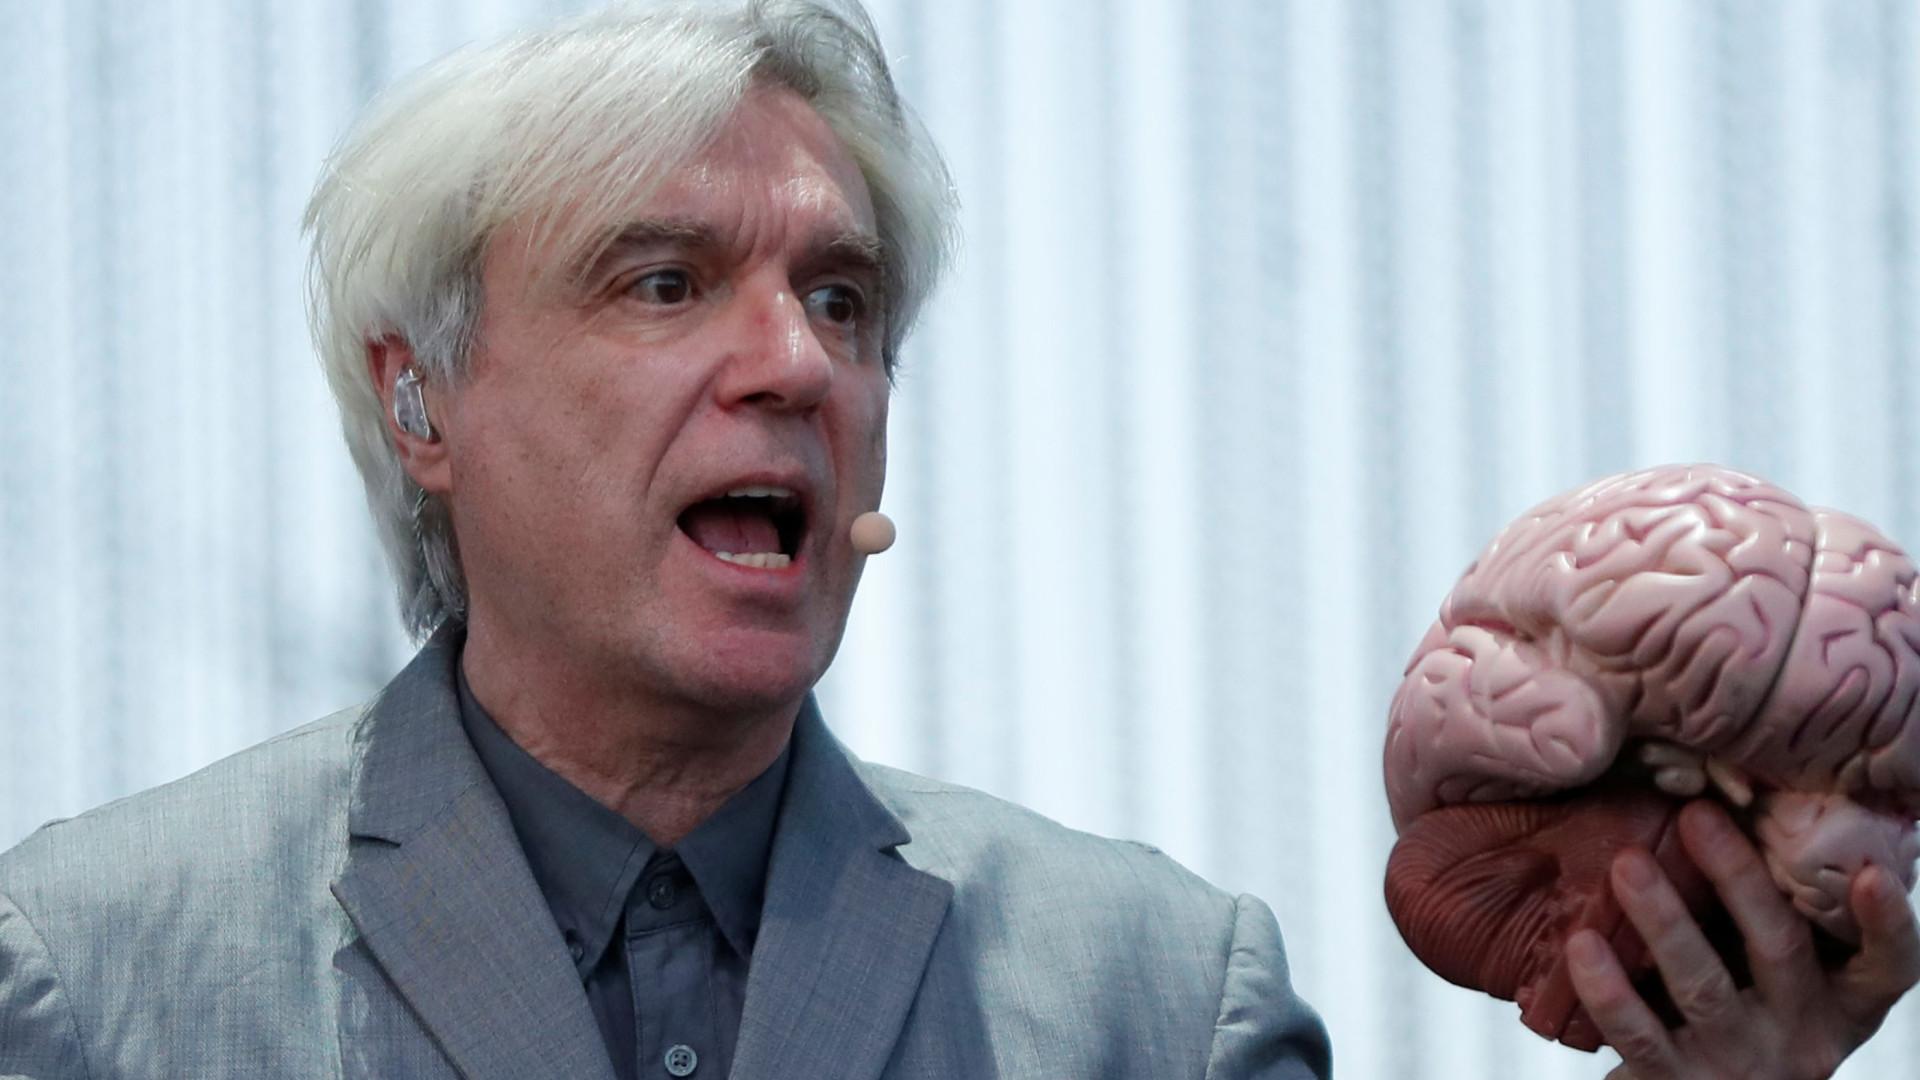 David Byrne diz que Portugal mostrou que austeridade não é resposta